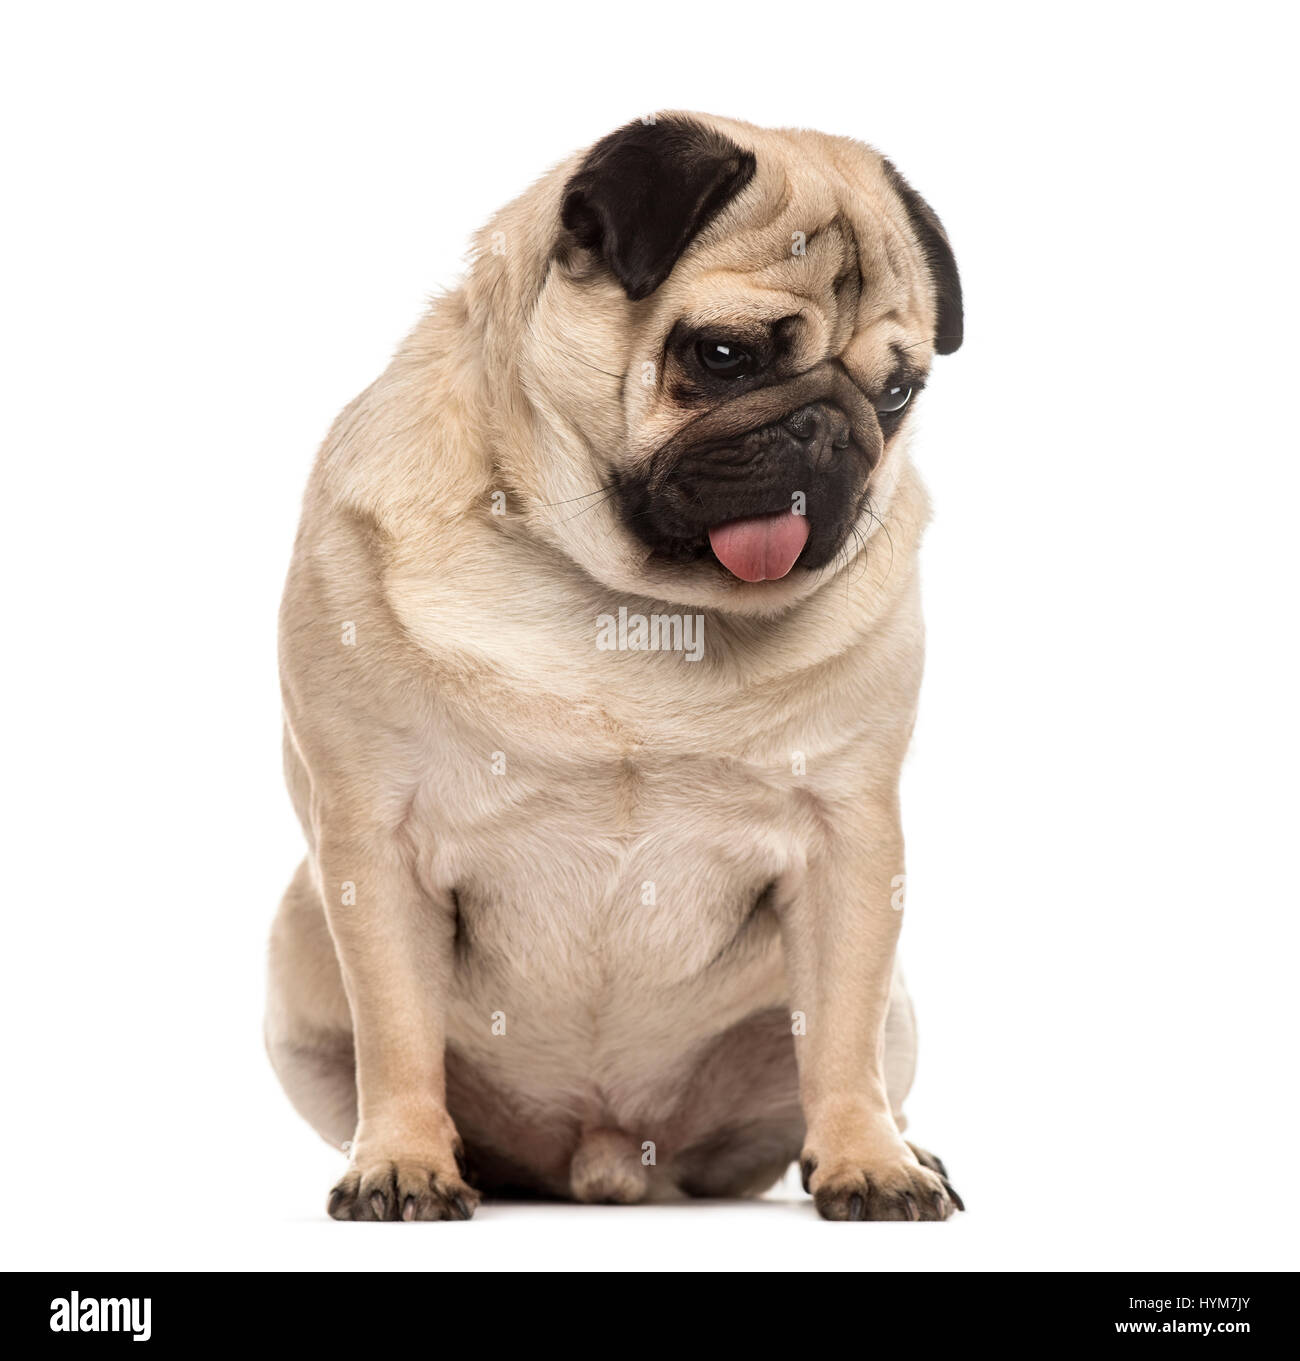 Pug sitting sticking the tongue, isolated on white - Stock Image